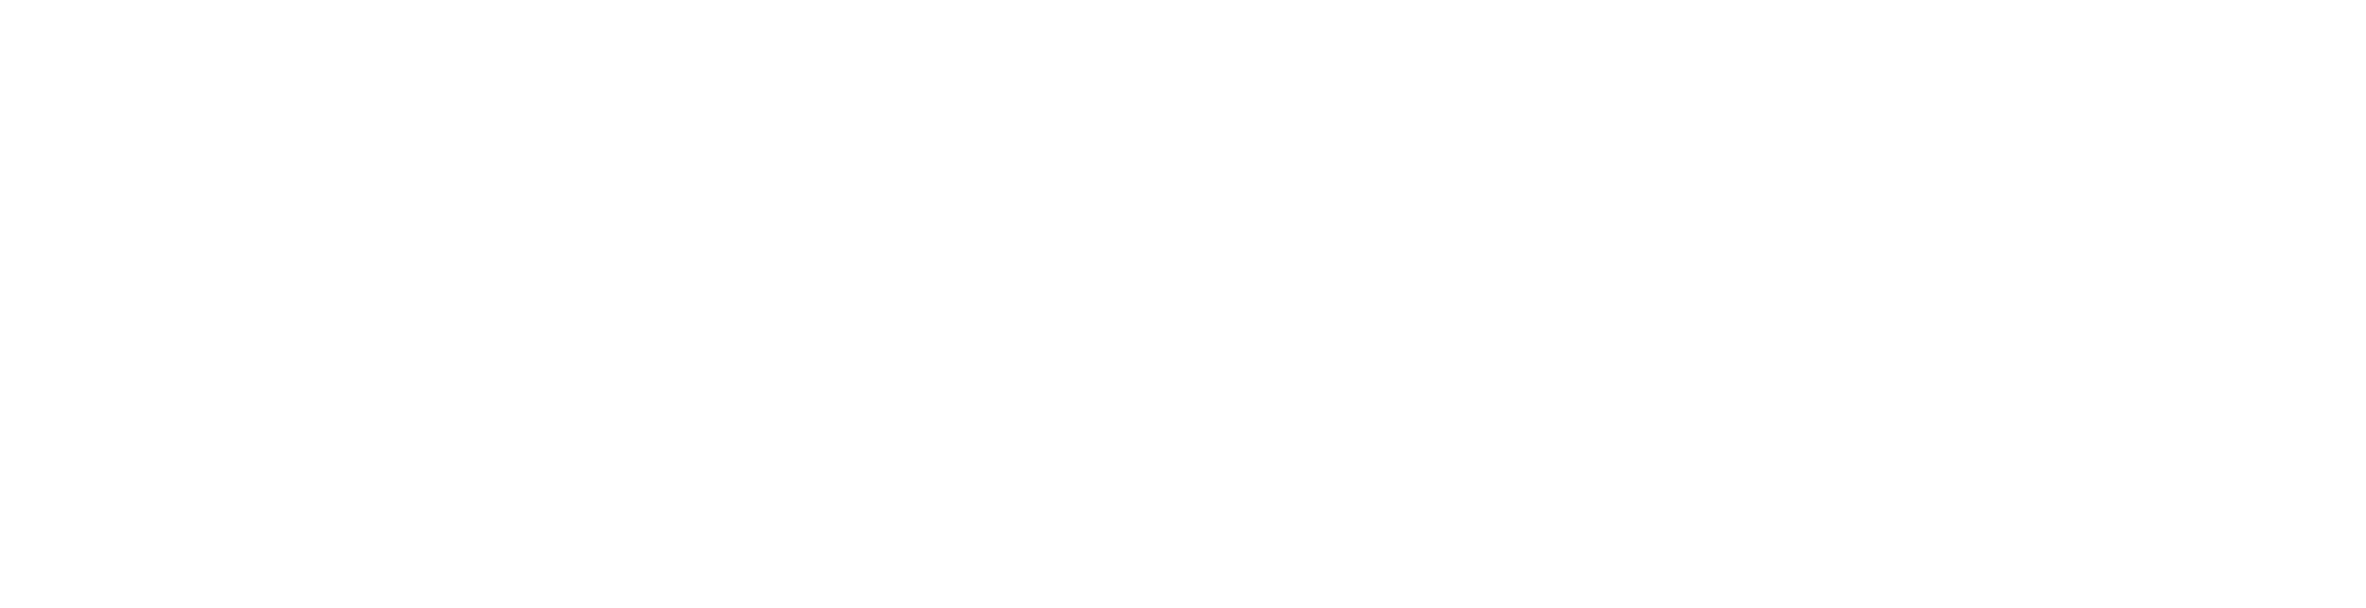 solomon-520X520